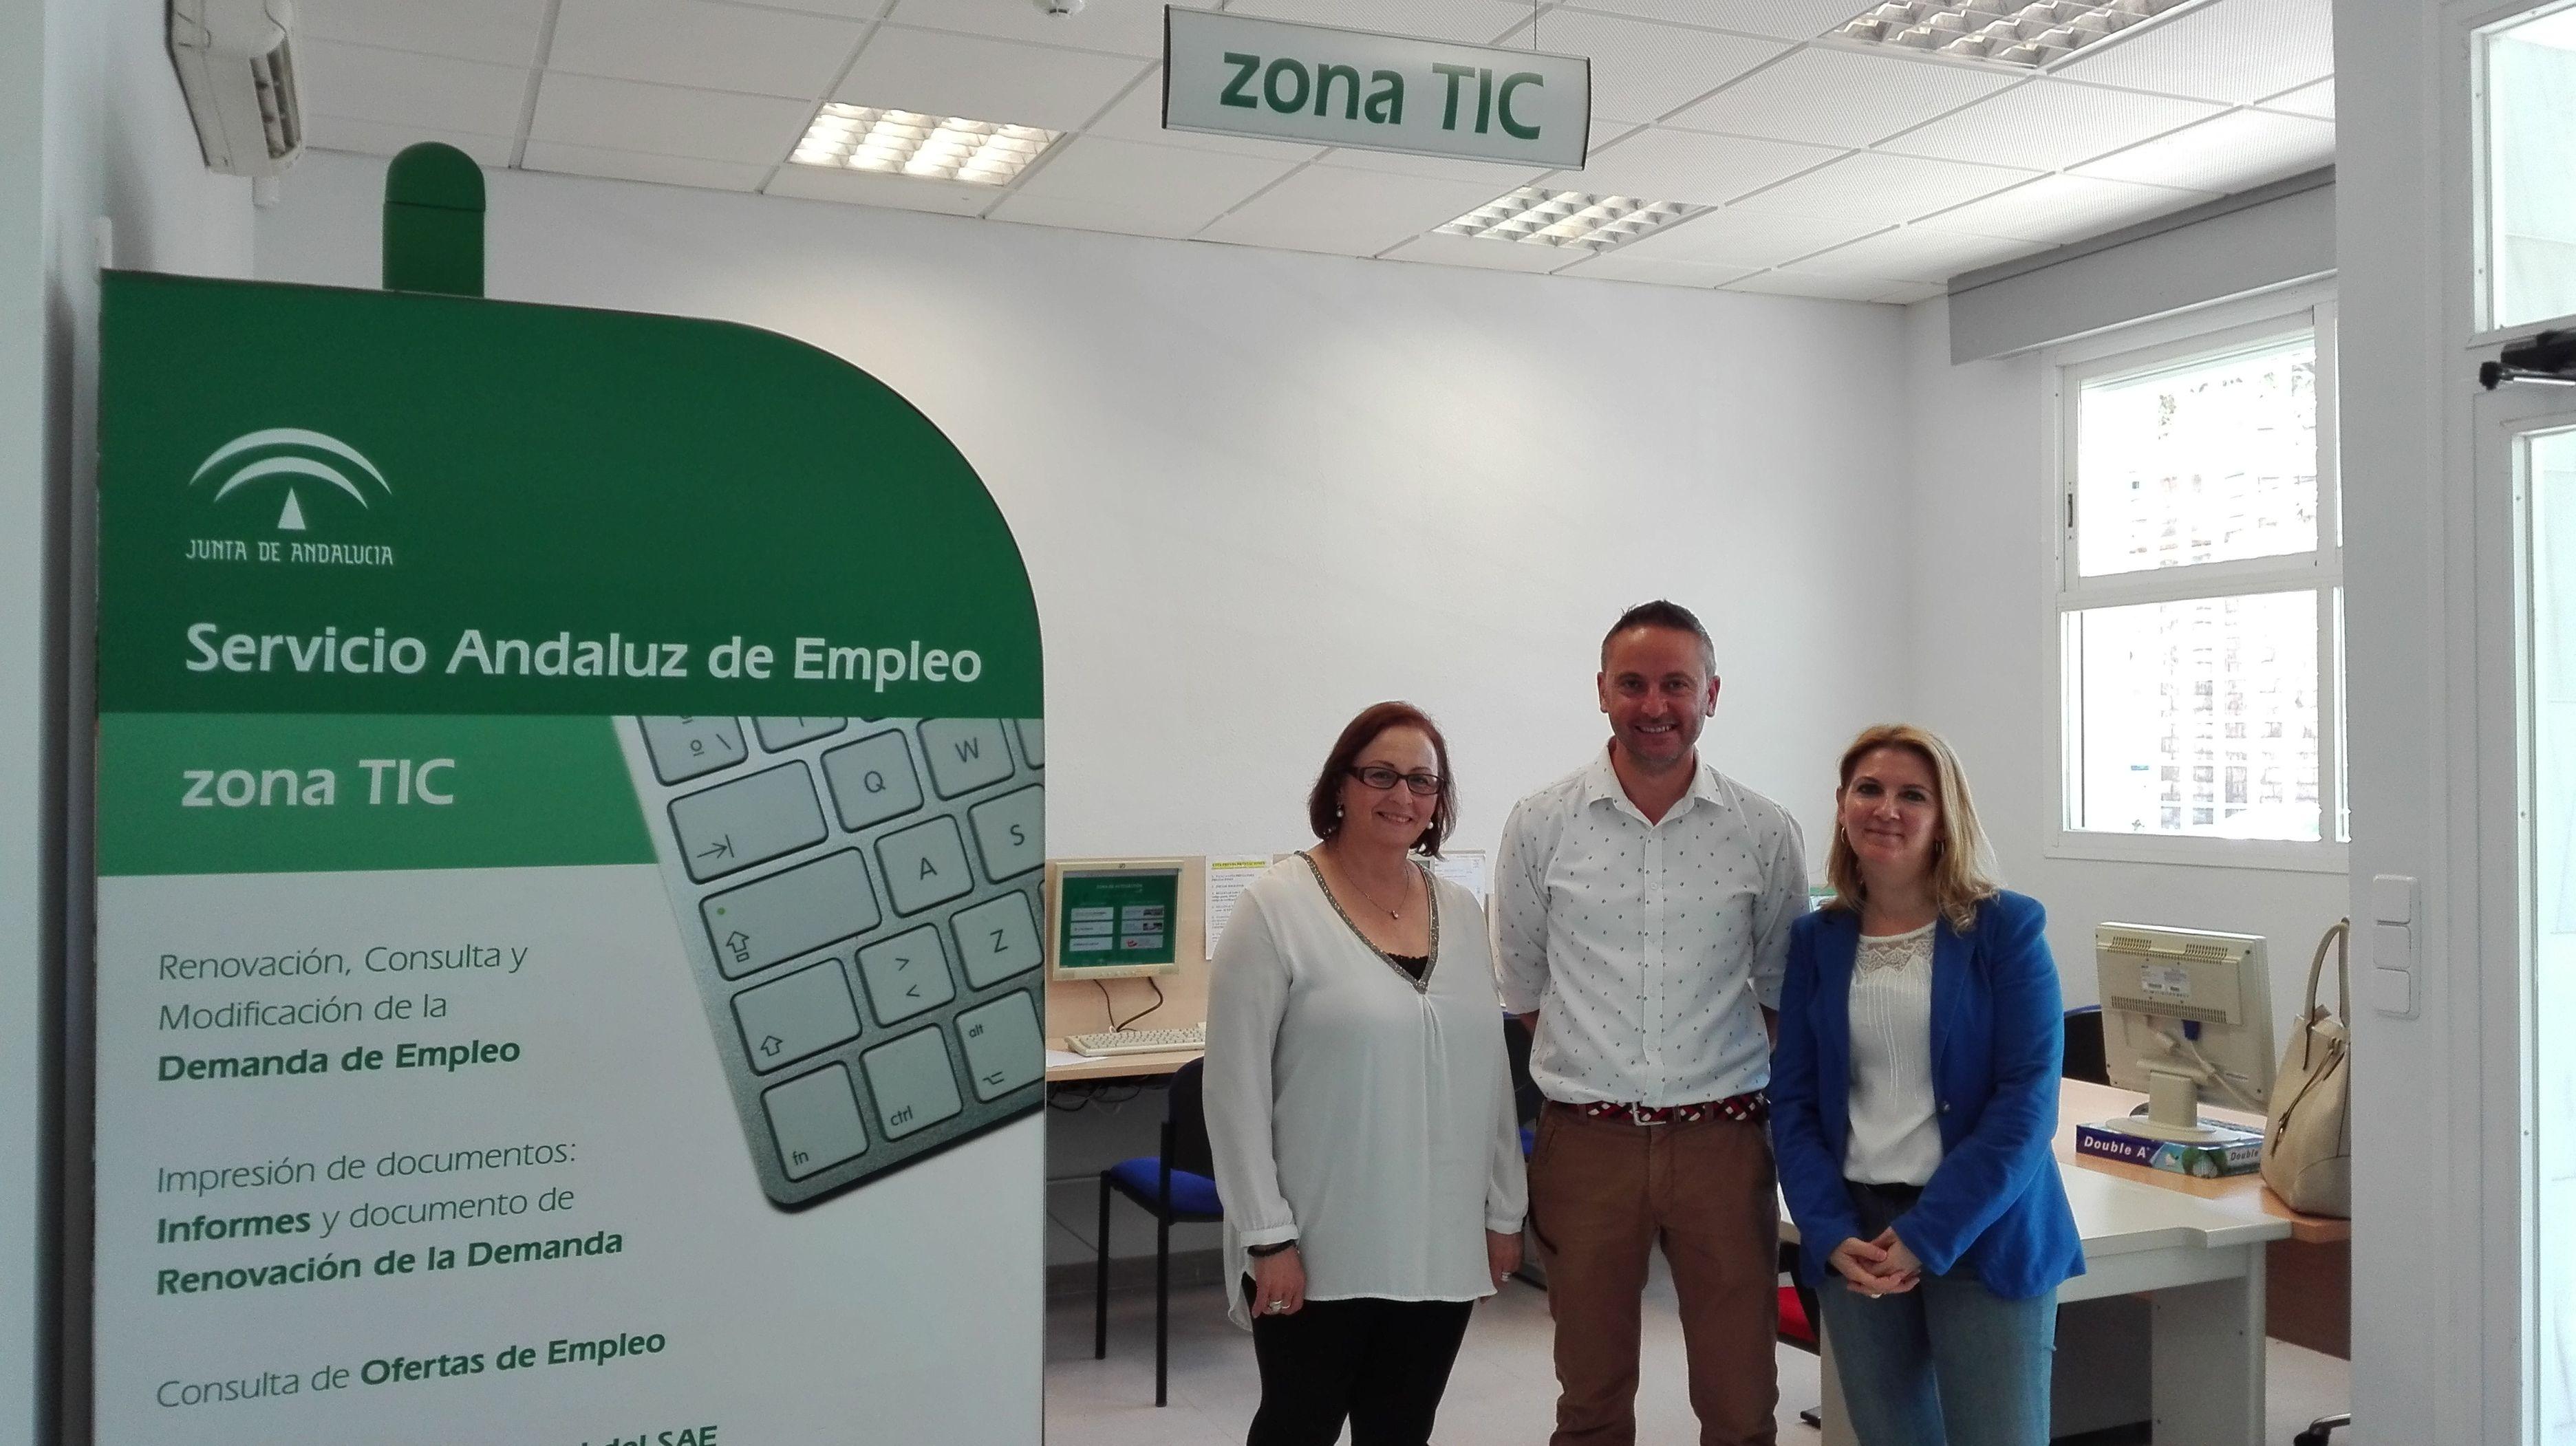 Junta de andaluc a ya est en funcionamiento la nueva for Oficina del sae